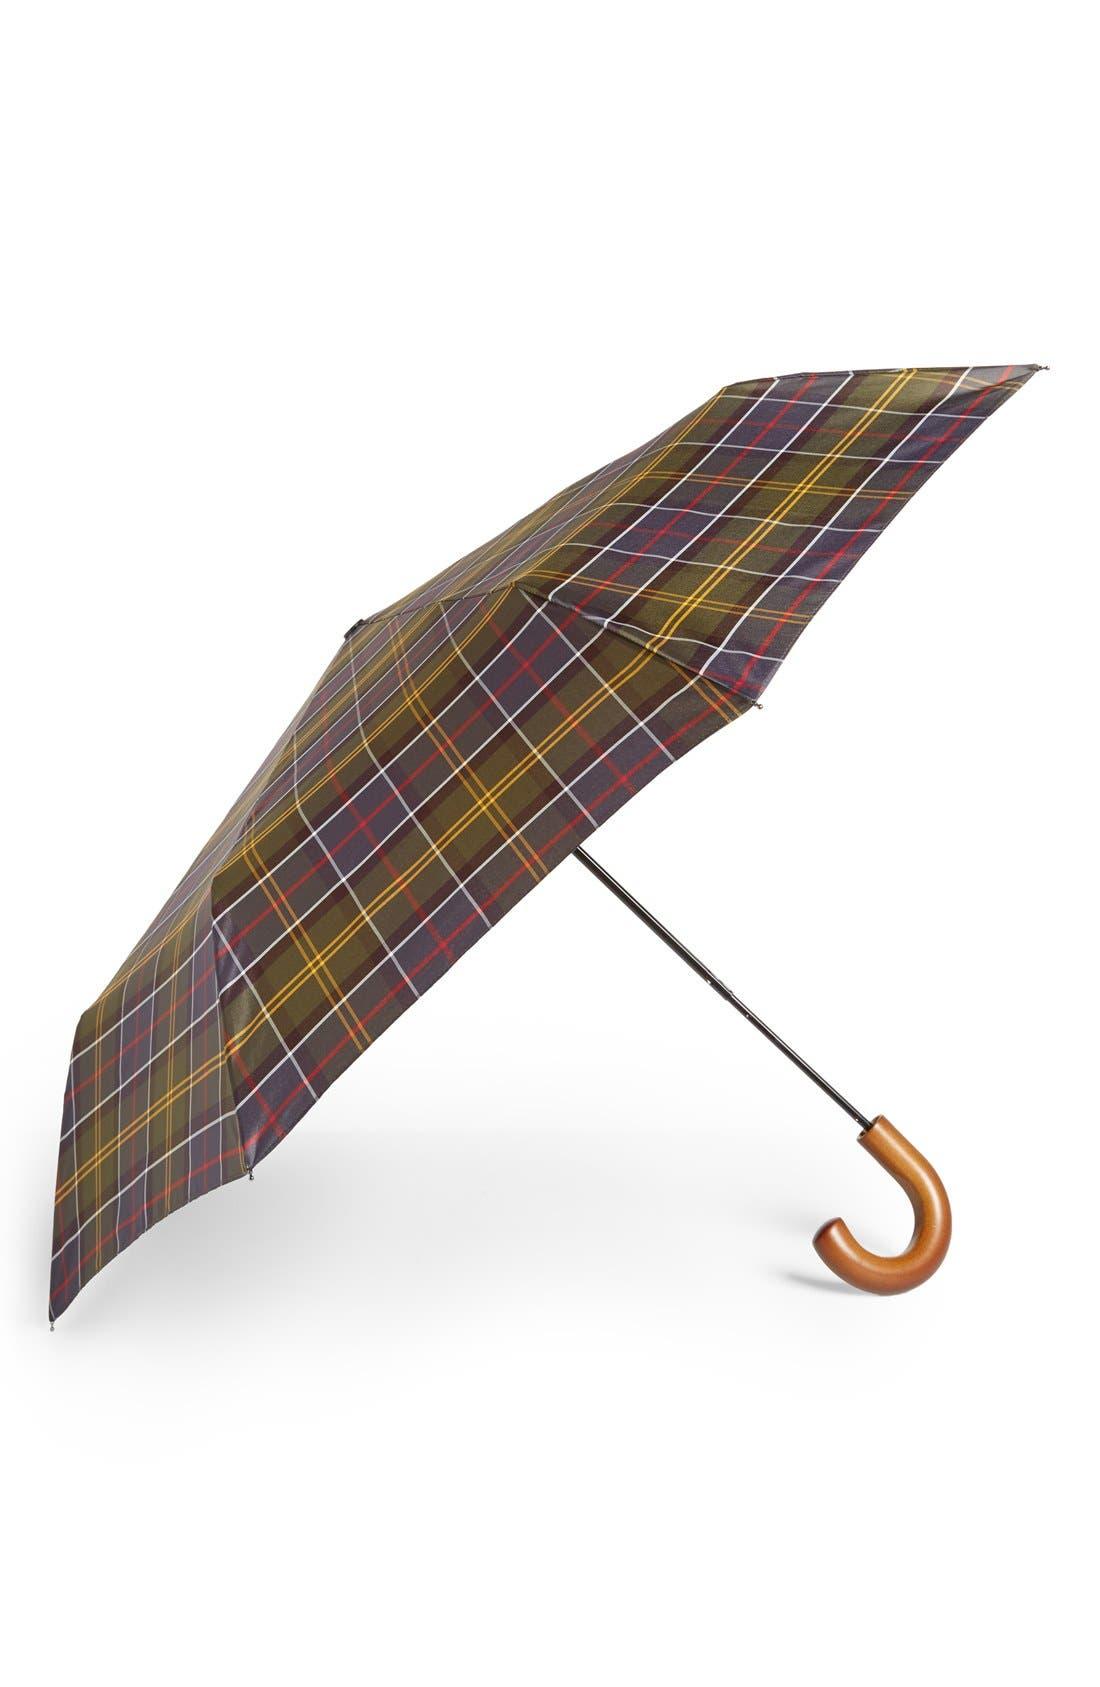 Telescoping Tartan Umbrella,                         Main,                         color, Green/ Yellow/ Brown